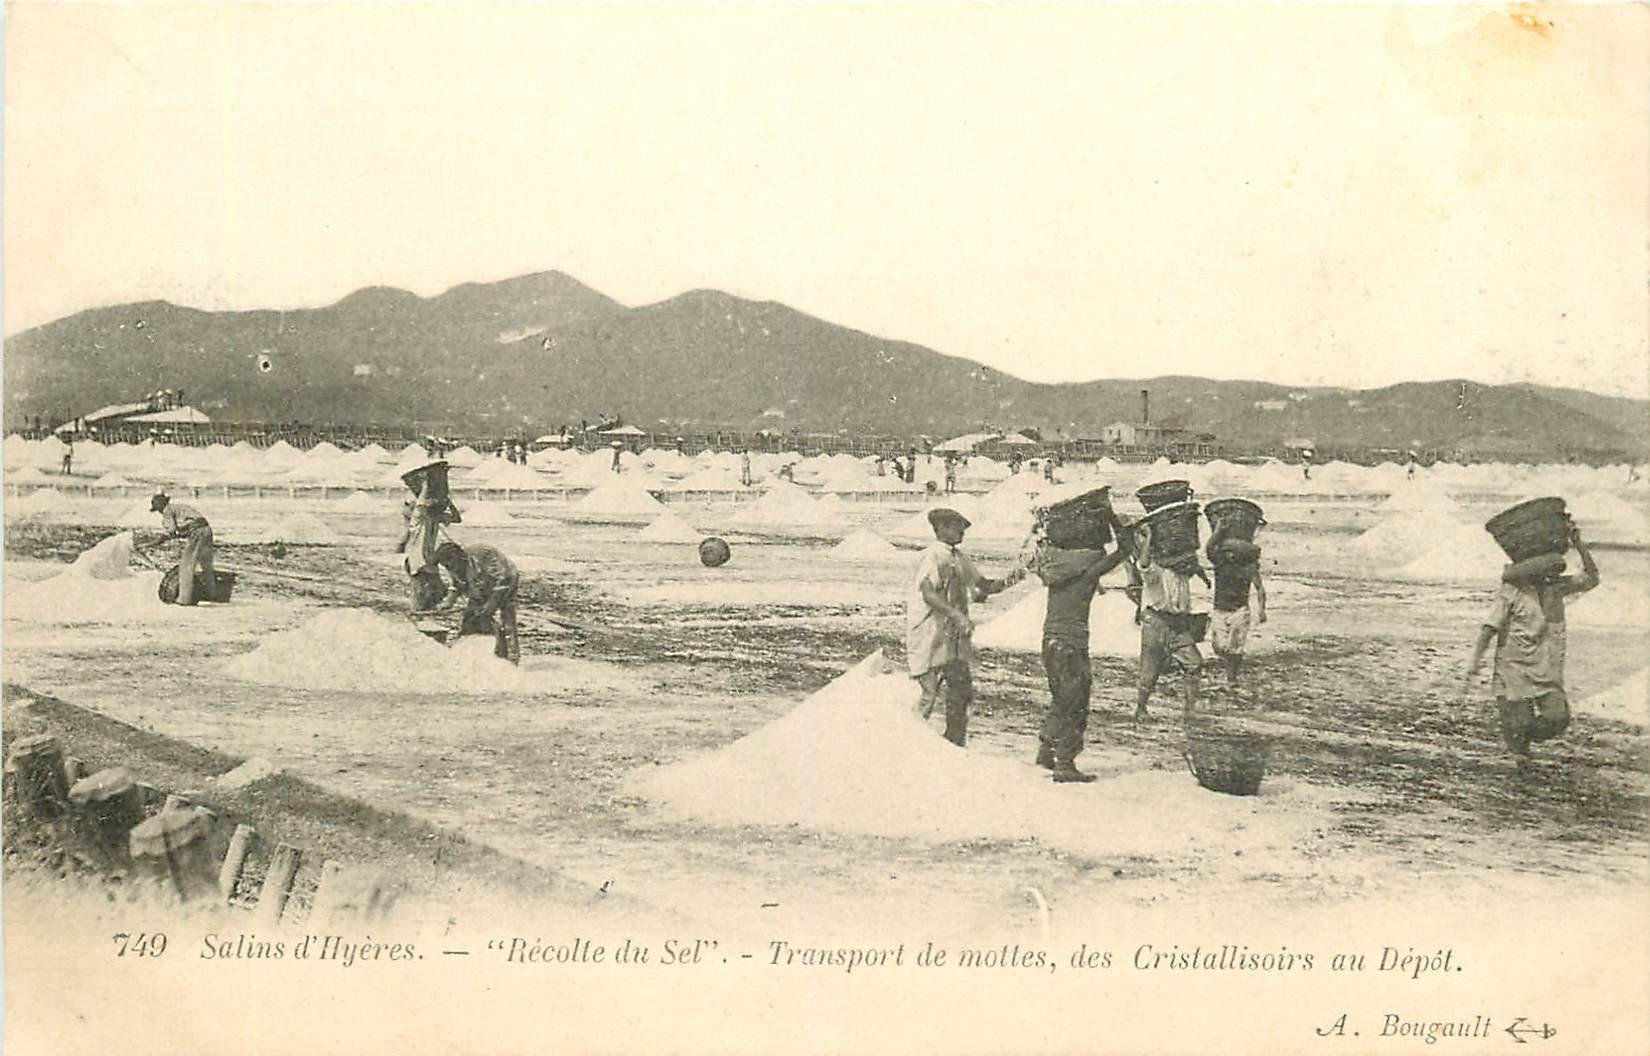 WW 83 HYERES. Récolte du Sel et transport de mottes des Cristallisoirs au Dépôt vers 1900